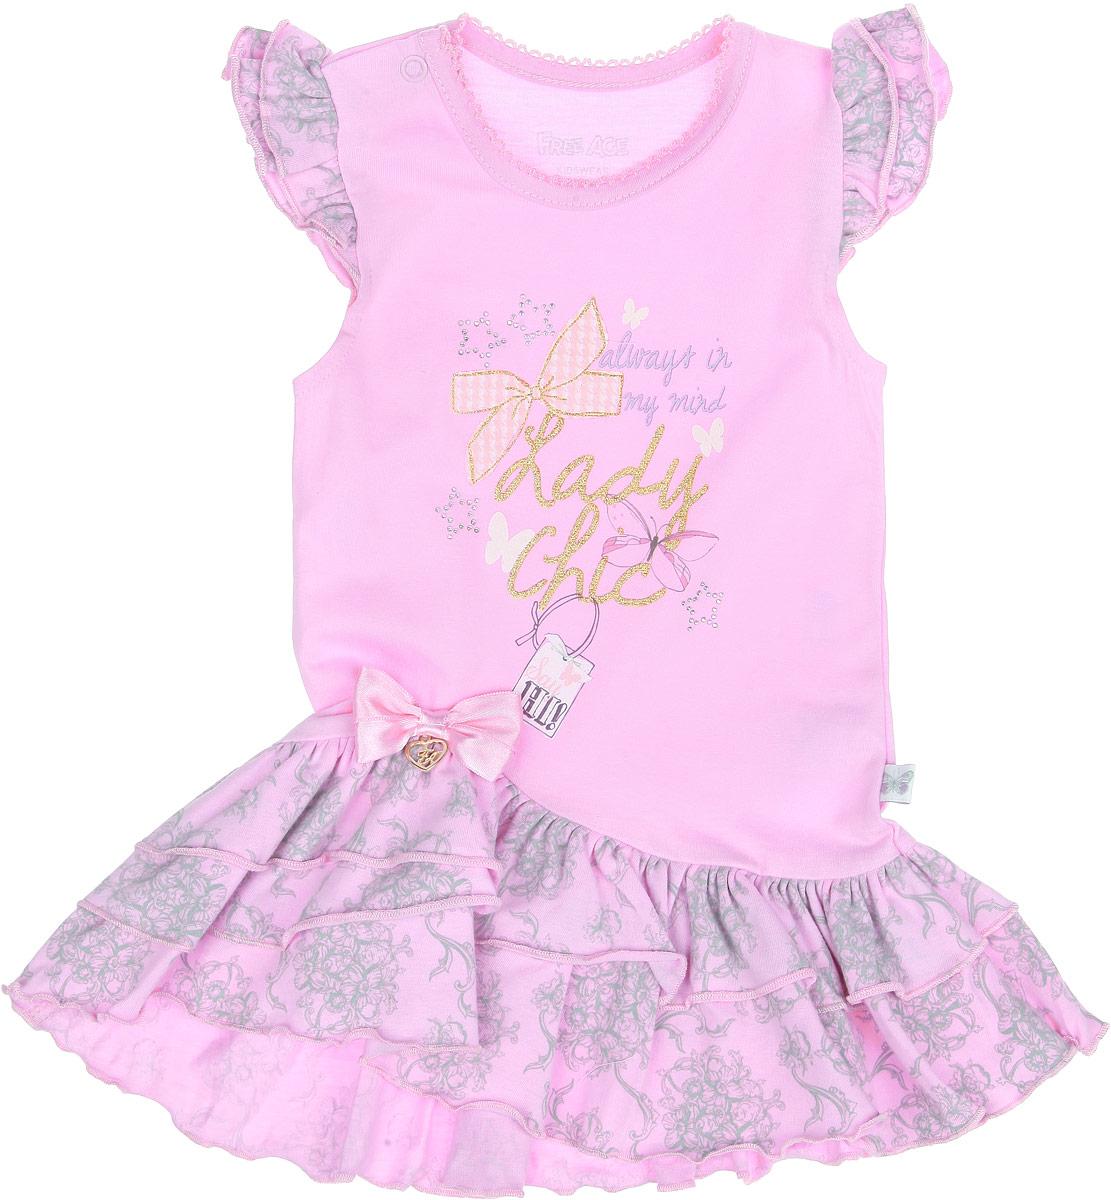 Платье для девочки. ZBG 14114-PZBG 14114-PПлатье для девочки Free Age отлично подойдет вашей маленькой моднице. Выполненное из натурального хлопка, оно мягкое и приятное на ощупь, не сковывает движения и позволяет коже дышать, обеспечивая наибольший комфорт. Платье с круглым вырезом горловины и короткими рукавами-крылышками имеет застежку-кнопку по плечевому шву, что помогает при переодевании ребенка. Вырез горловины украшен ажурными петельками. По низу платье дополнено воздушными оборками. Изделие оформлено принтом и надписями, декорированными блестящим напылением и переливающимися стразами. Также платье украшено атласным бантом с металлической подвеской. В таком платье маленькой принцессе будет комфортно и она всегда будет в центре внимания!